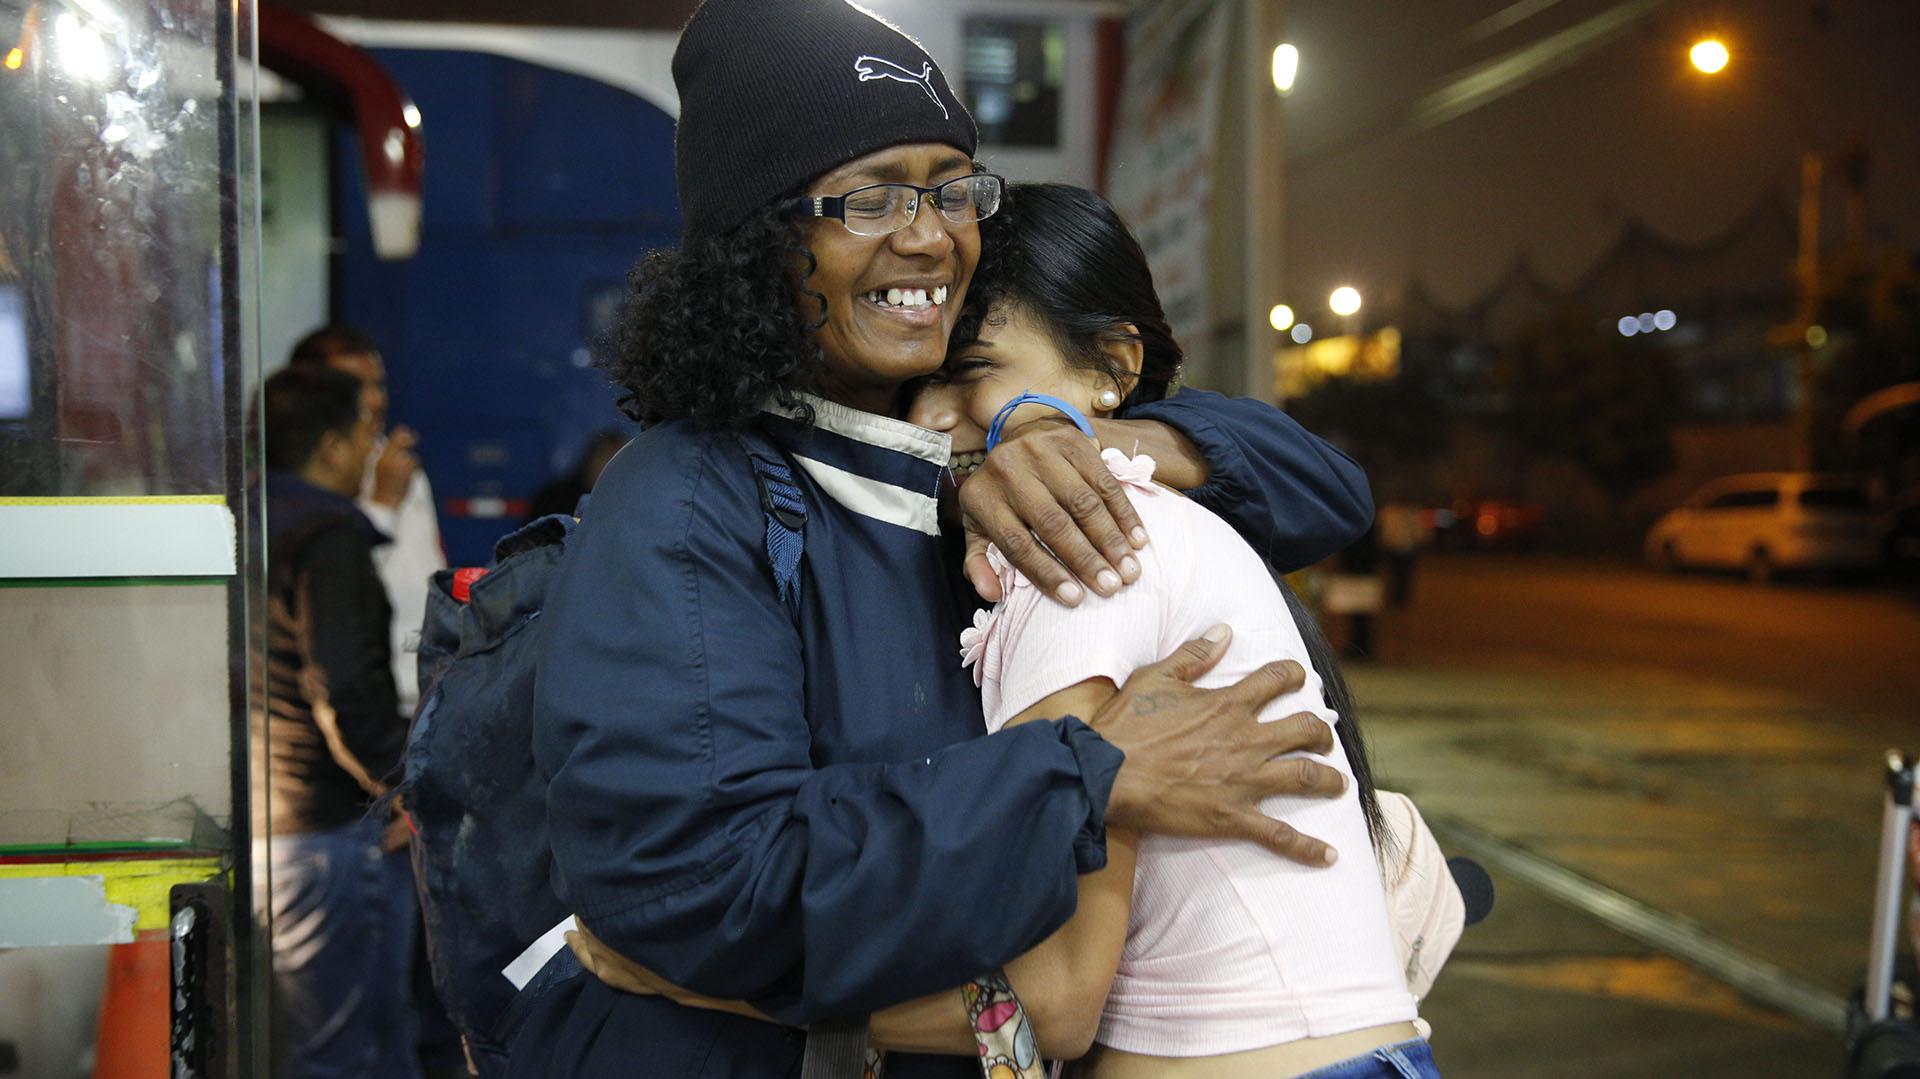 Sandra Cadiz y su hija celebran la llegada a Lima tras un largo camino (AP Photo/Ariana Cubillos)